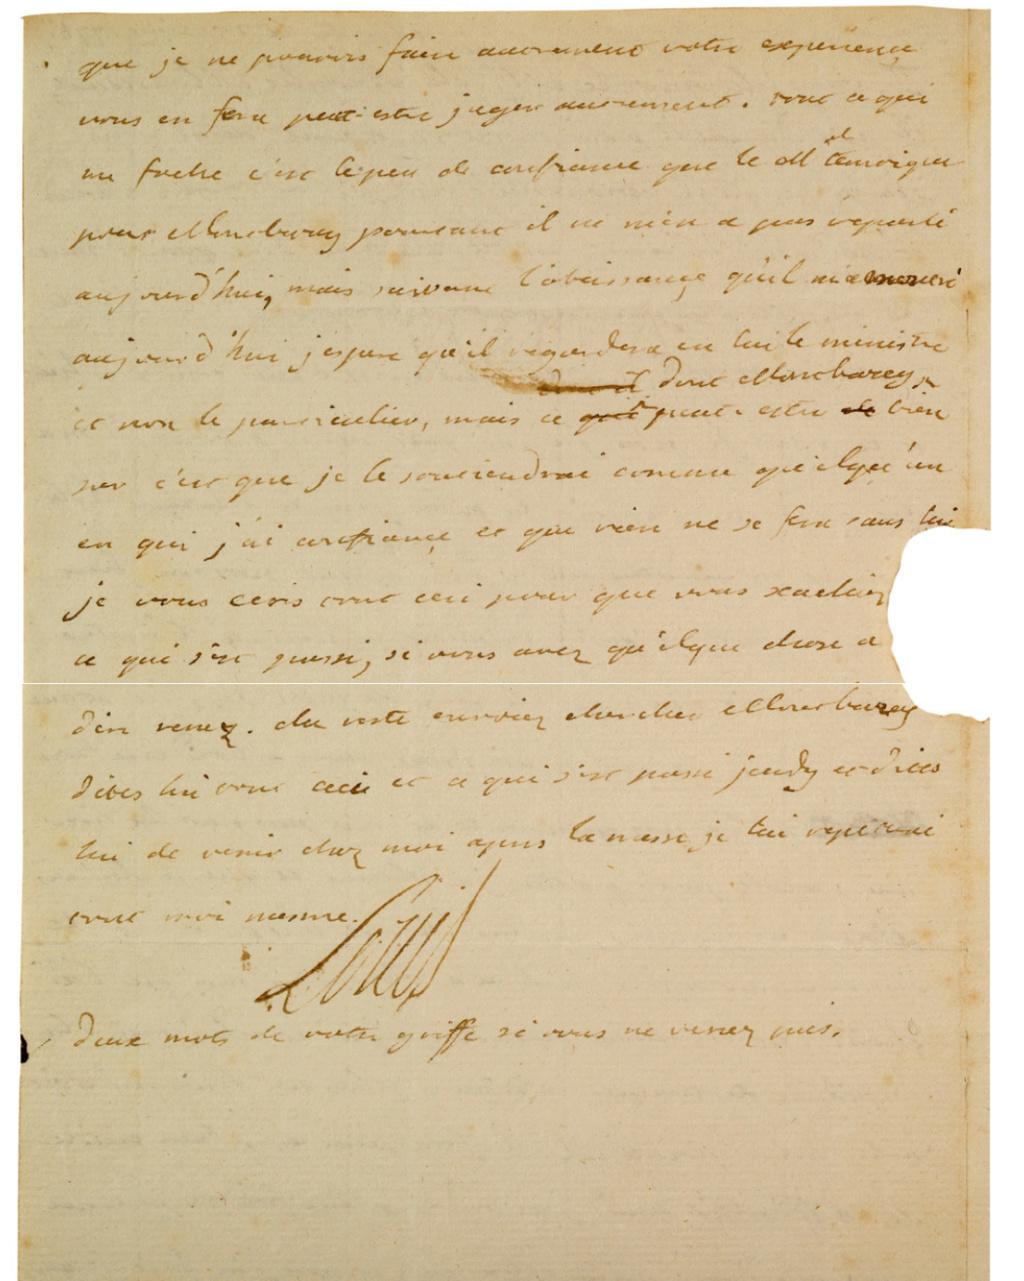 La Collection Aristophil - Lettres et documents importants Zducre26